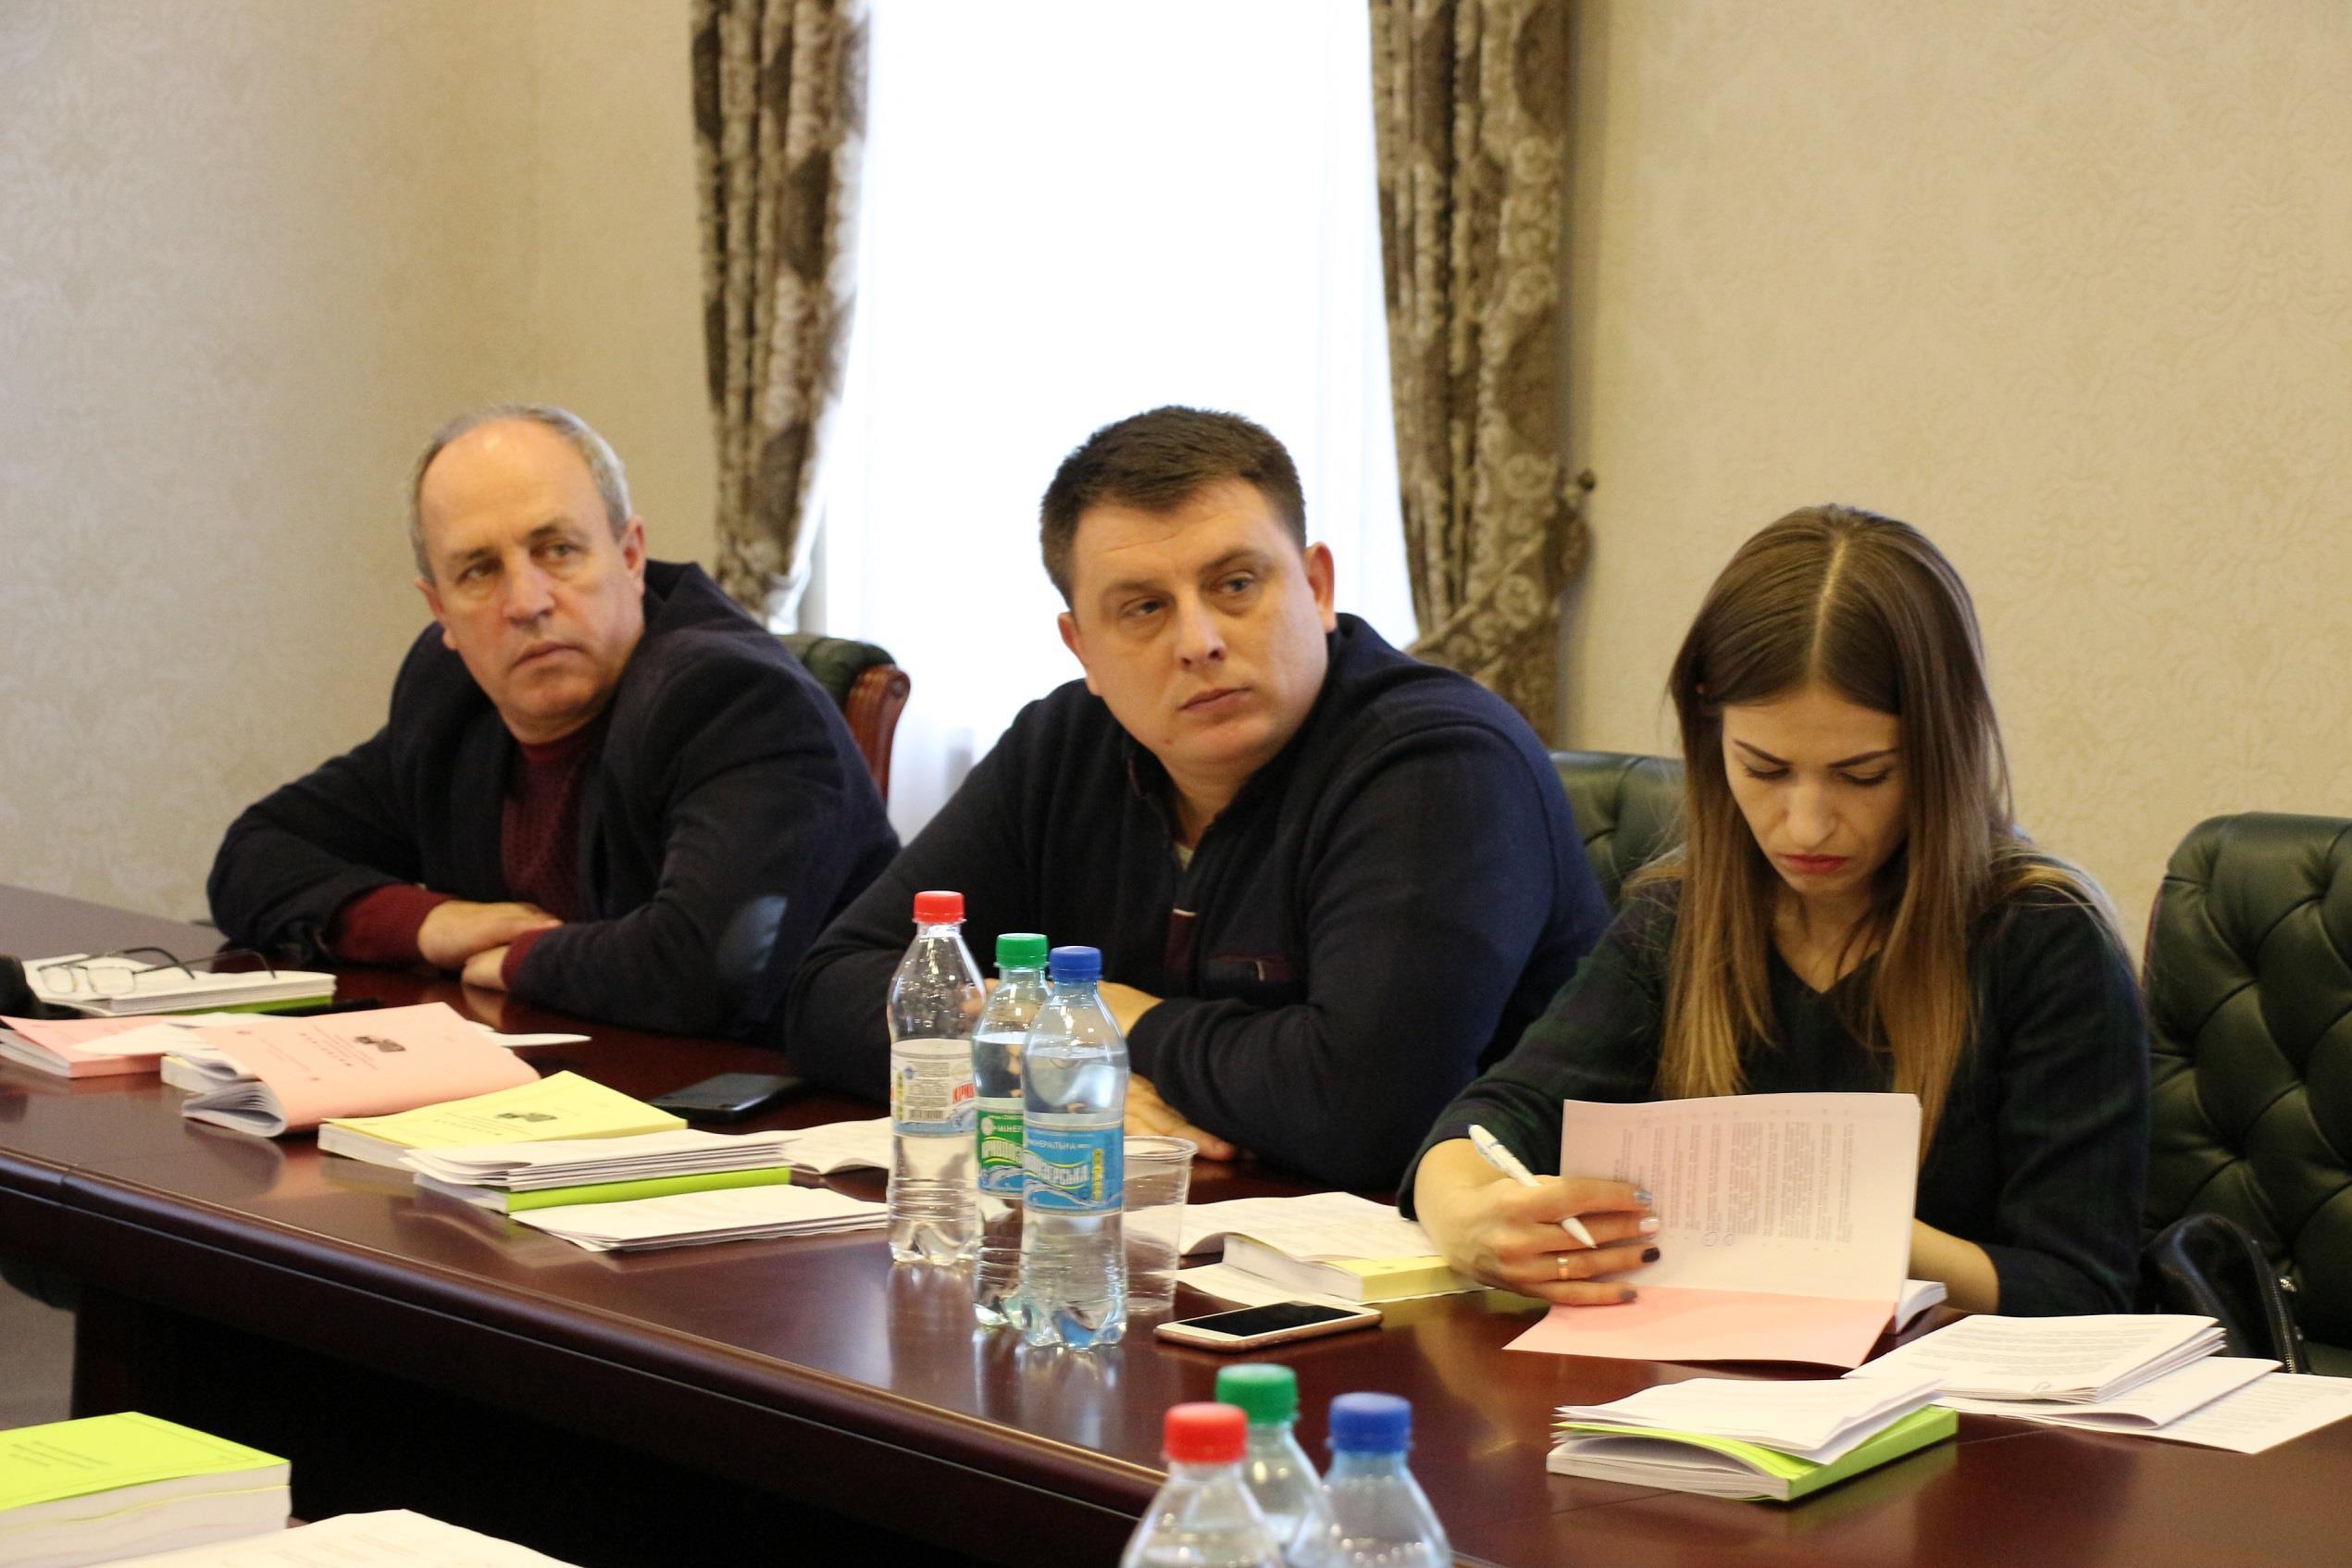 Депутат облсовета Кормышкин инициировал обращение к ВР с просьбой устранения правки об отмене НДС при экспорте масличных